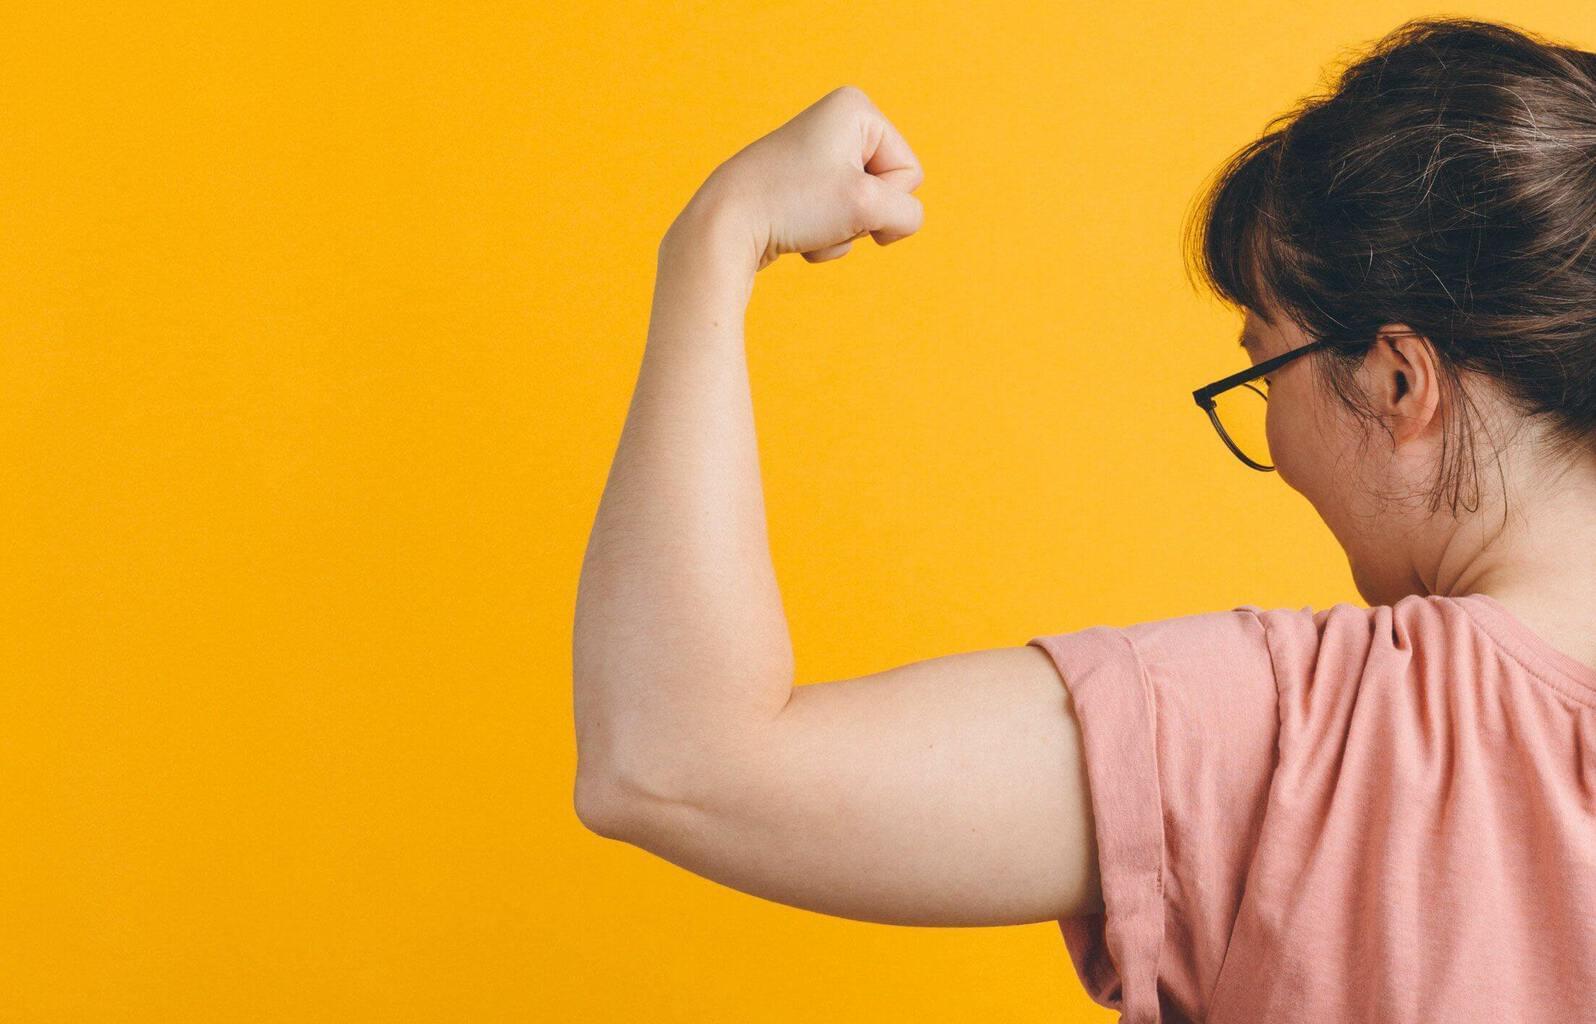 Personne tenant son bras et fléchissant son biceps pour montrer sa force